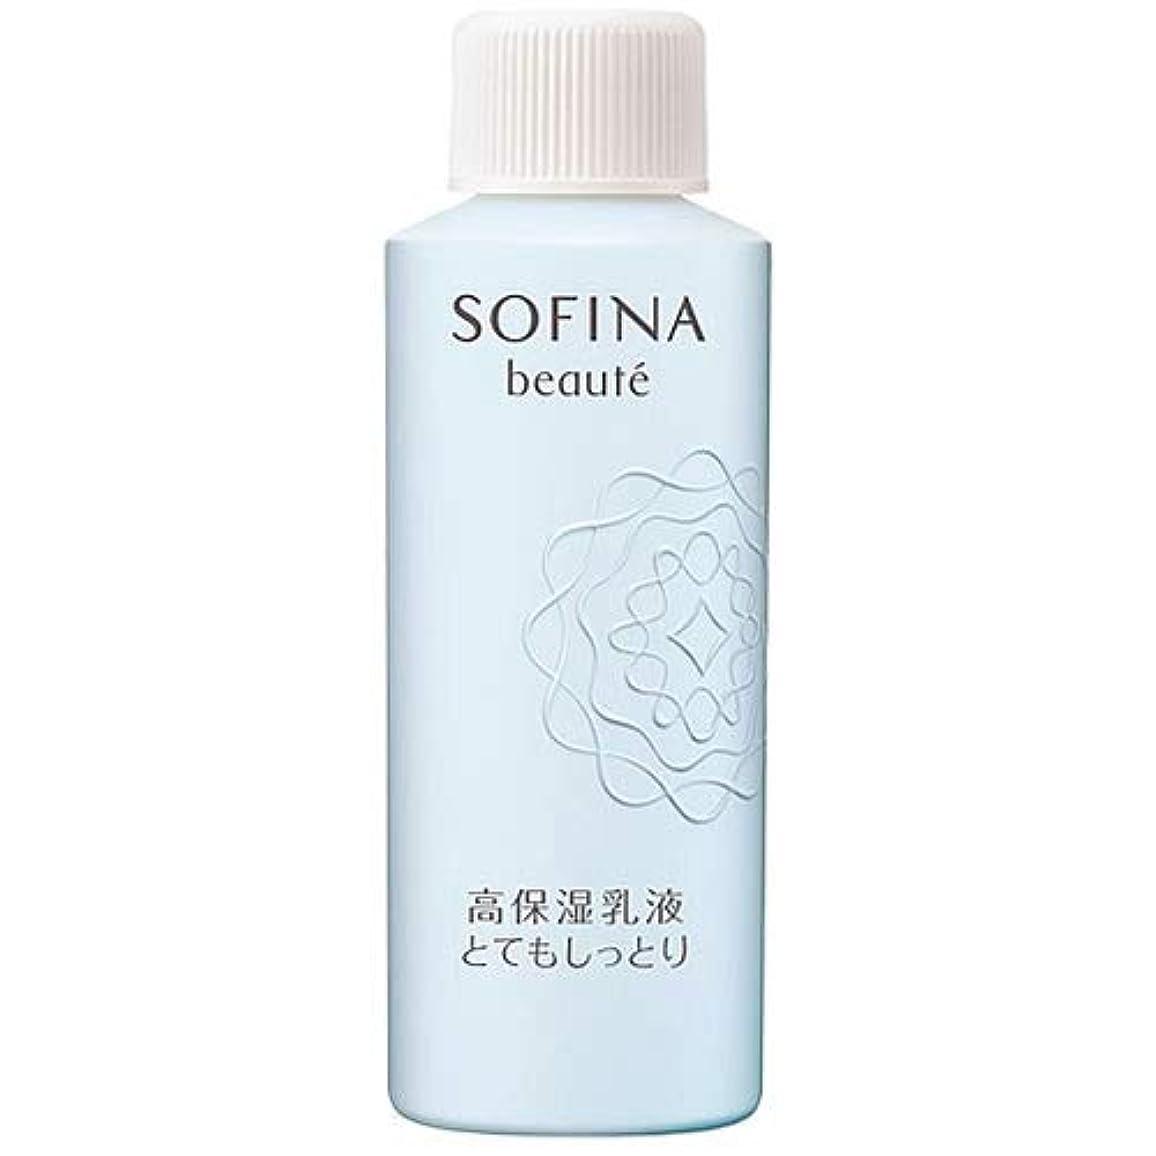 ポジティブ動ひまわりソフィーナ ボーテ 高保湿乳液 とてもしっとり つけかえ用レフィル 60g [並行輸入品]